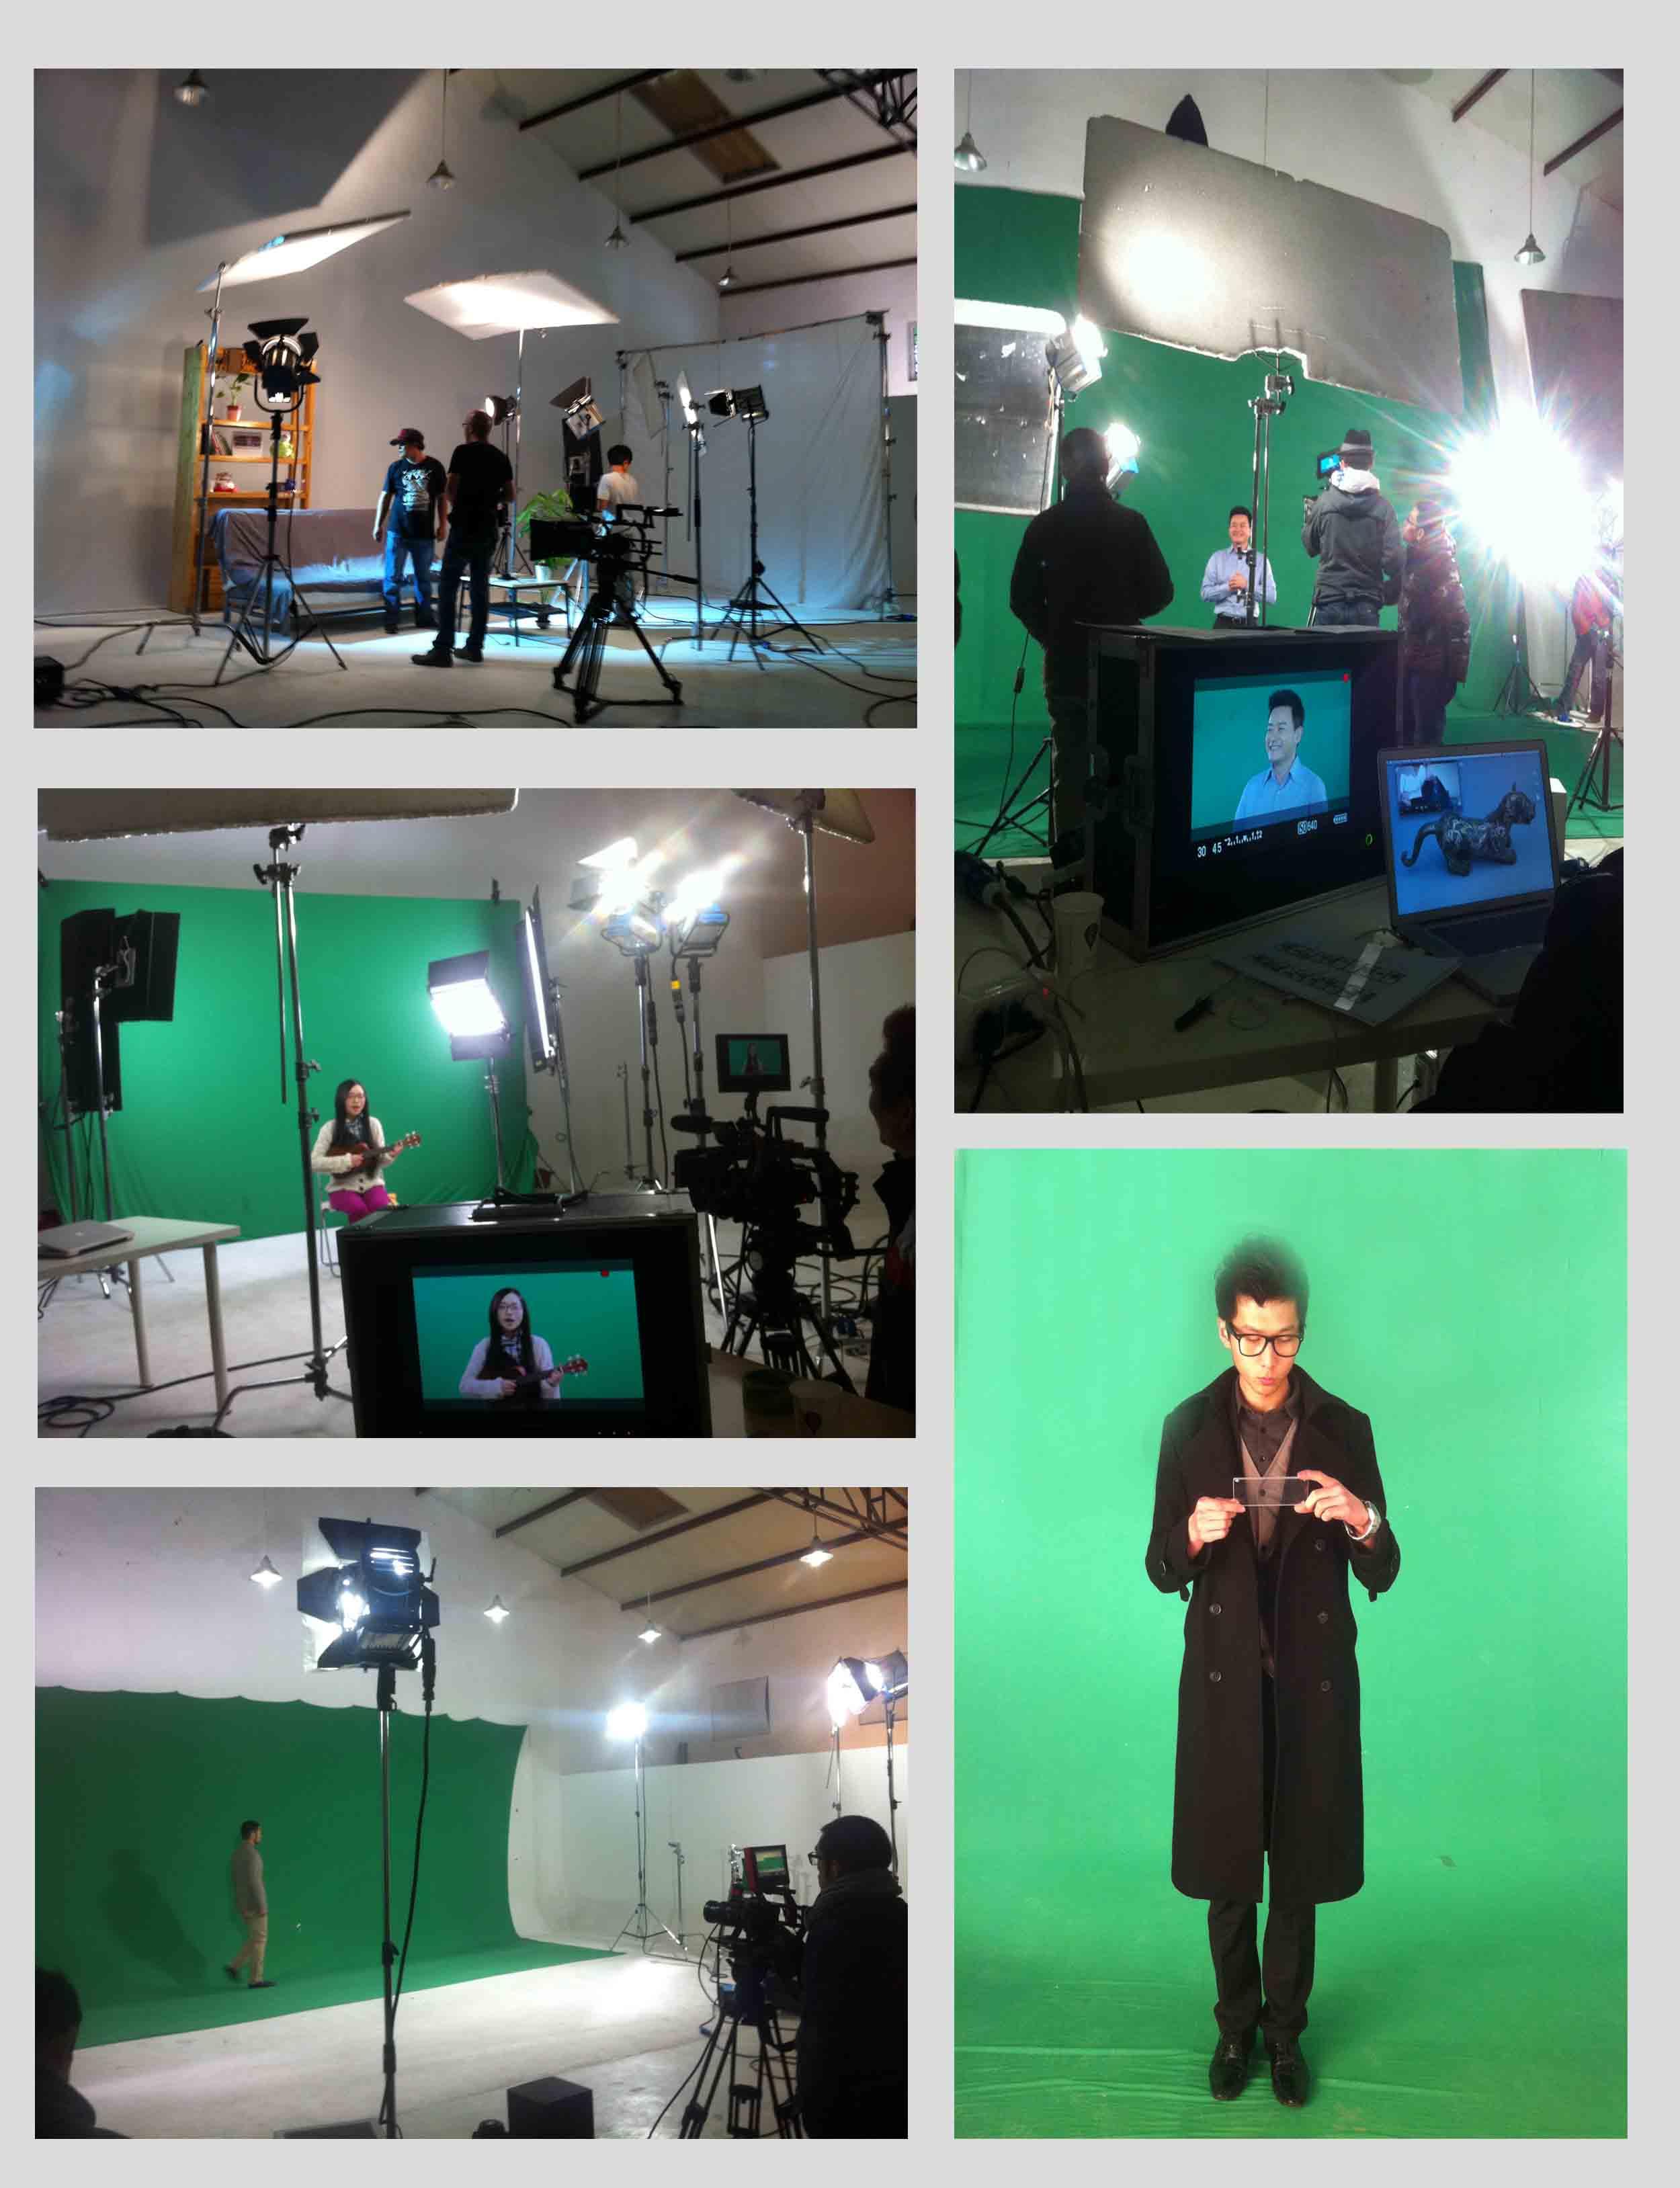 影棚适合各类影视广告抠像拍摄,微电影制作,时装,人像,产品广告